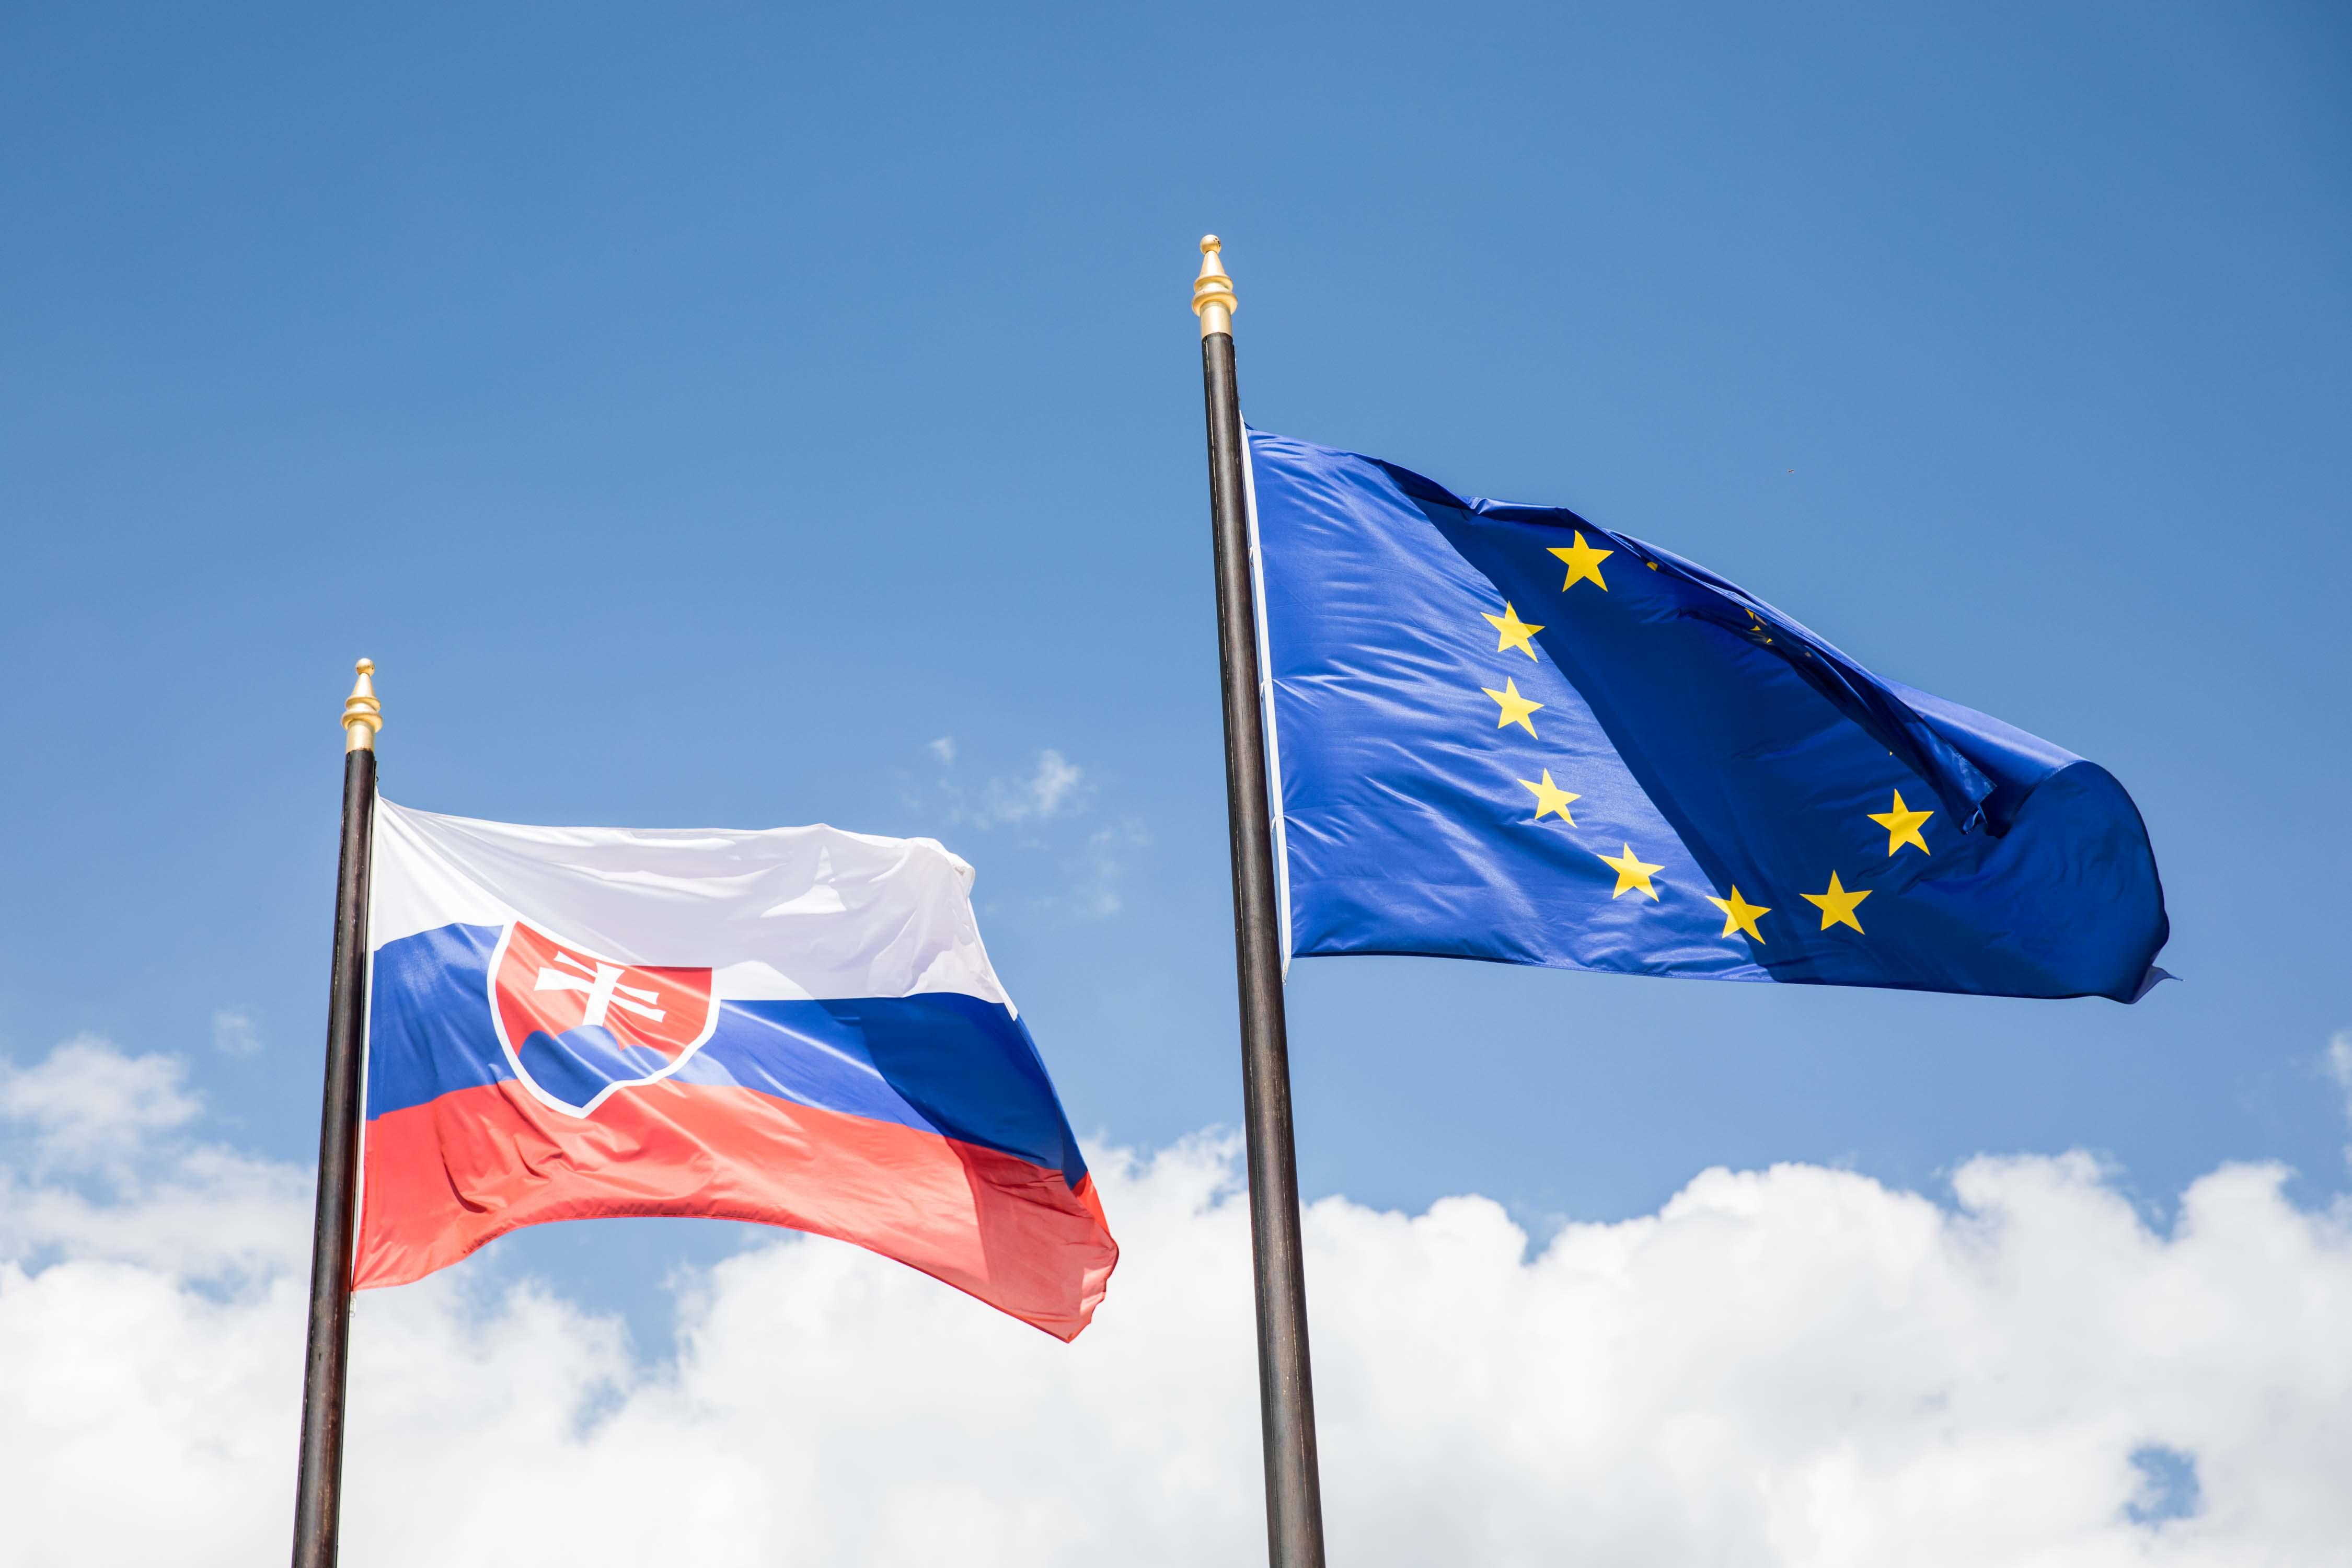 Oficiálne Výsledky Slovenských Volieb Do Európskeho Parlamentu